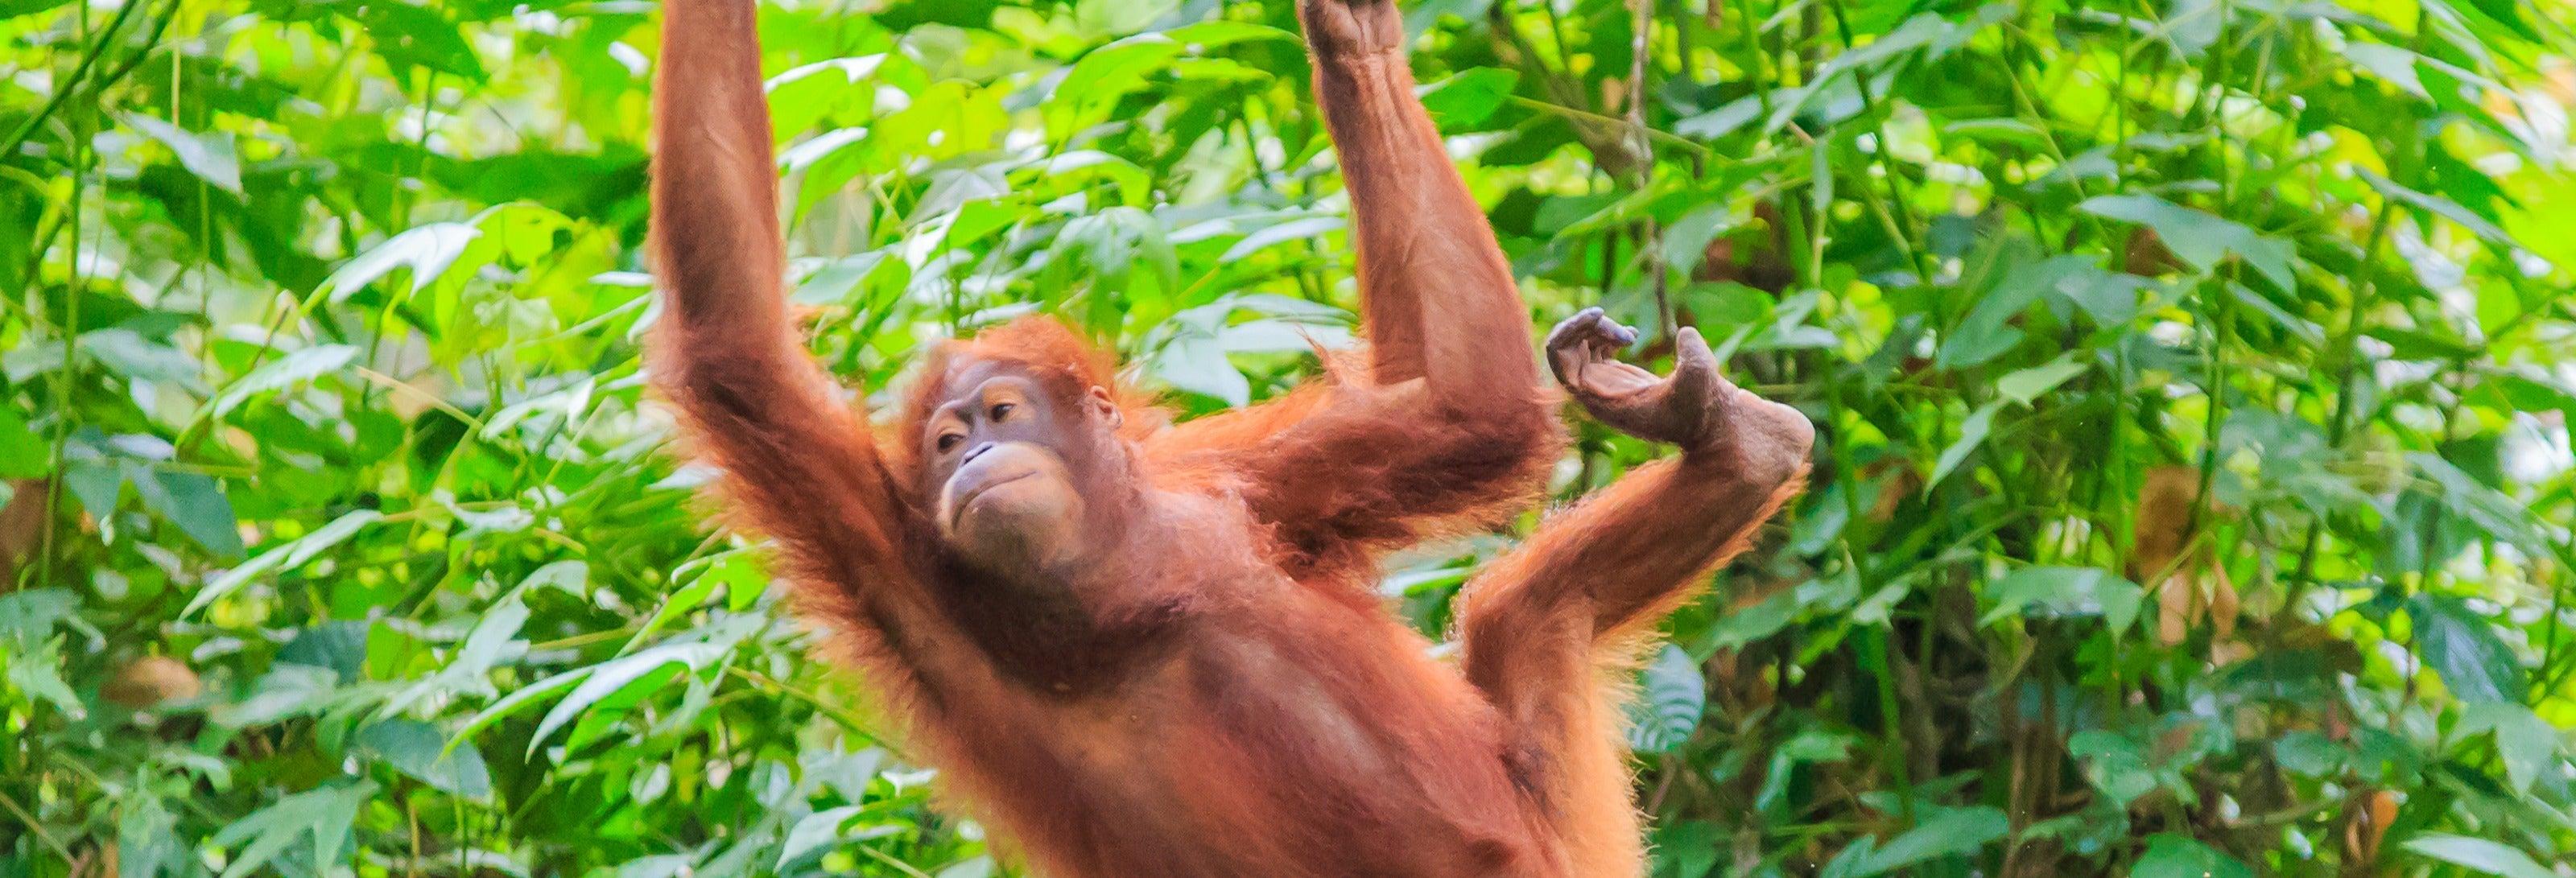 Cruzeiro privado por Bornéu com avistamento de orangotangos